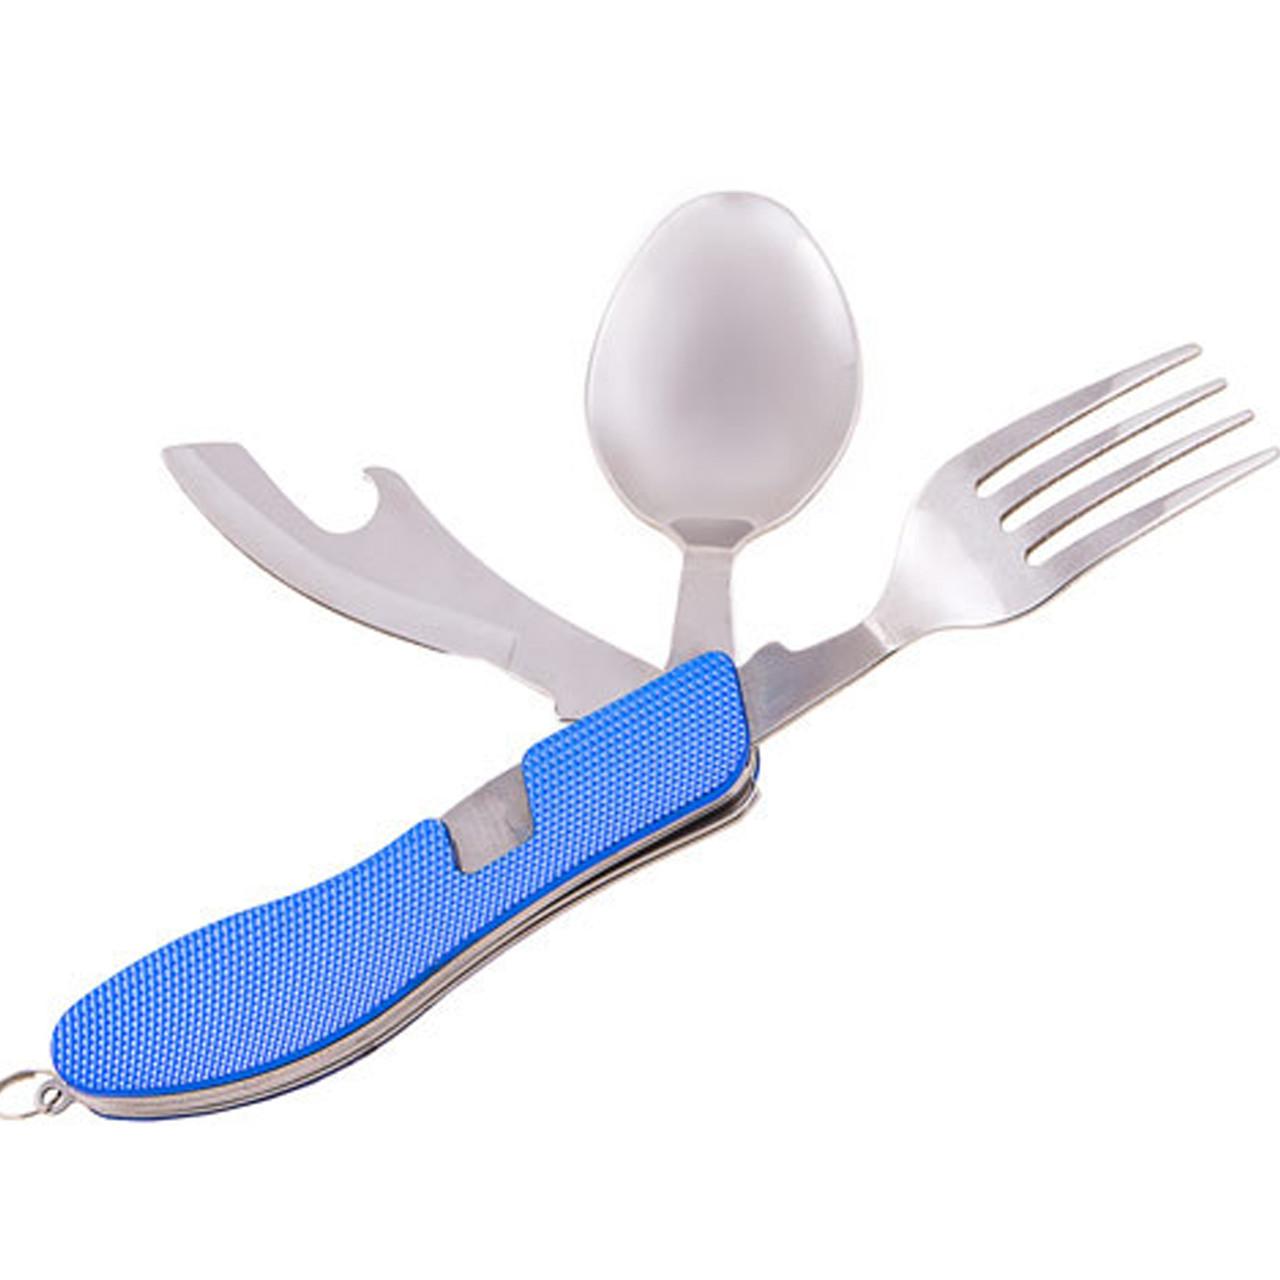 Вилка,ложка,нож+открывашка 3*1 HX-12